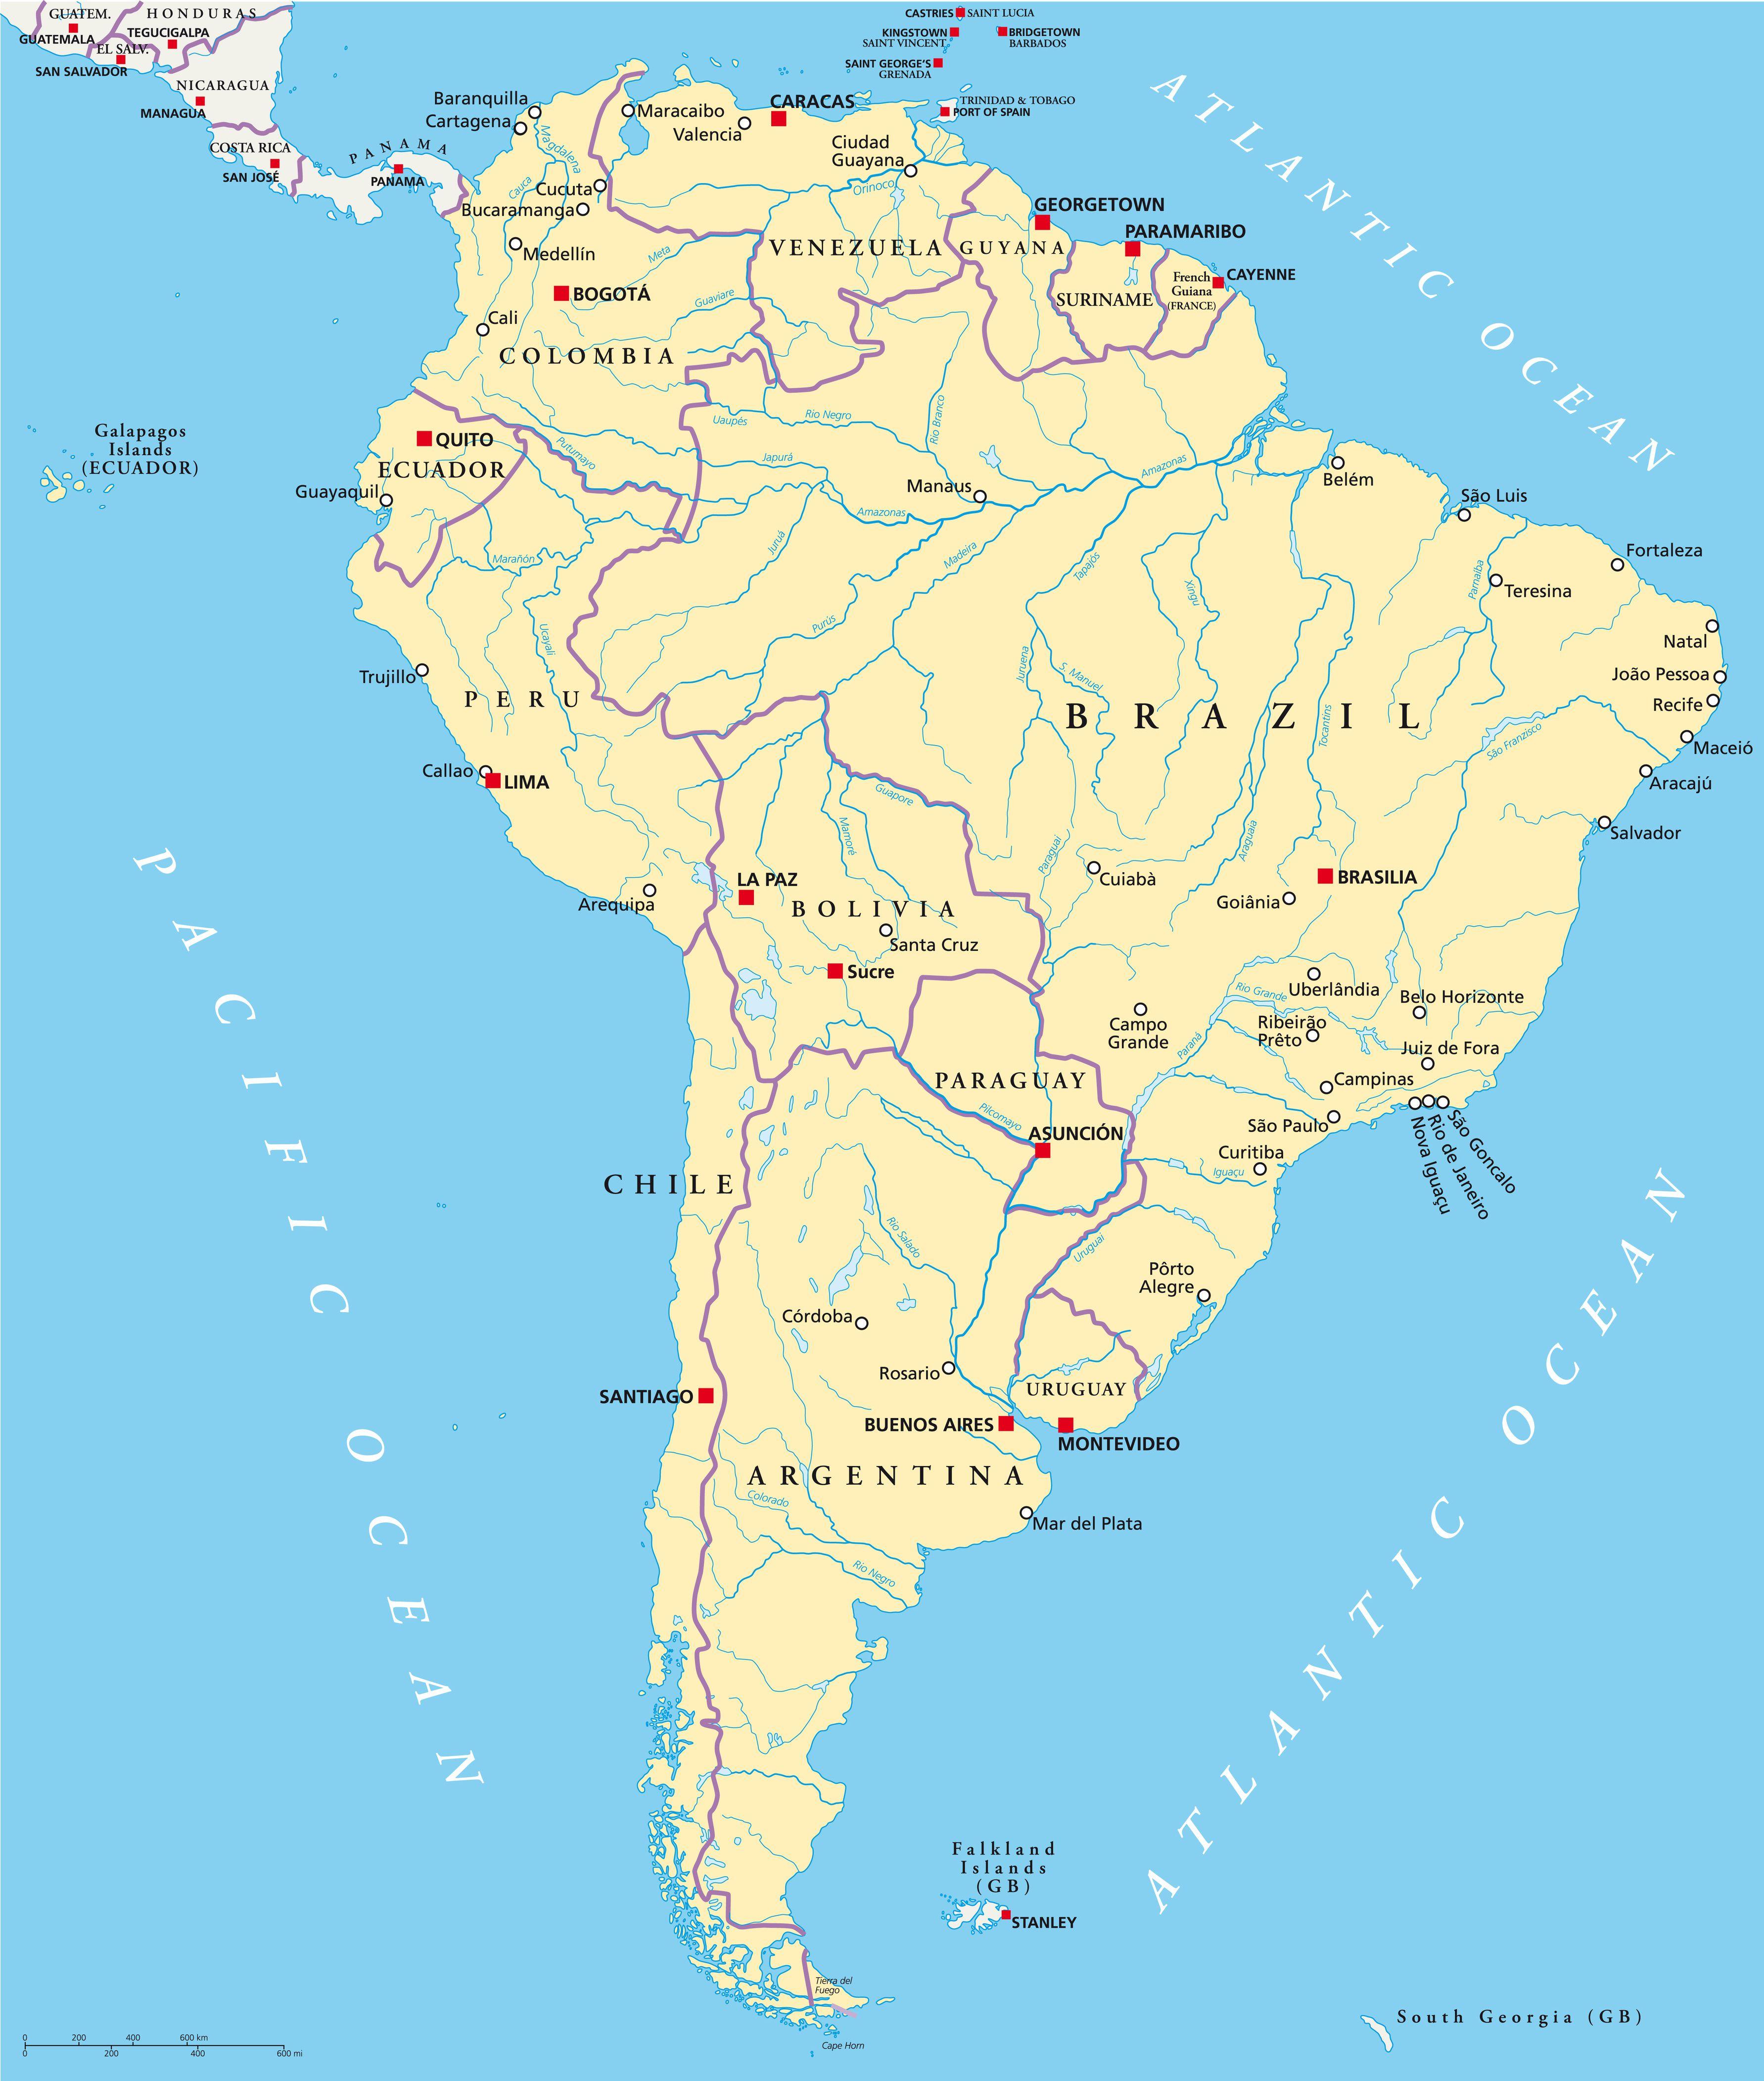 Carte Amerique Latine Avec Fleuves.Carte De L Amerique Du Sud Actualitix Blog De Cartes Tourisme